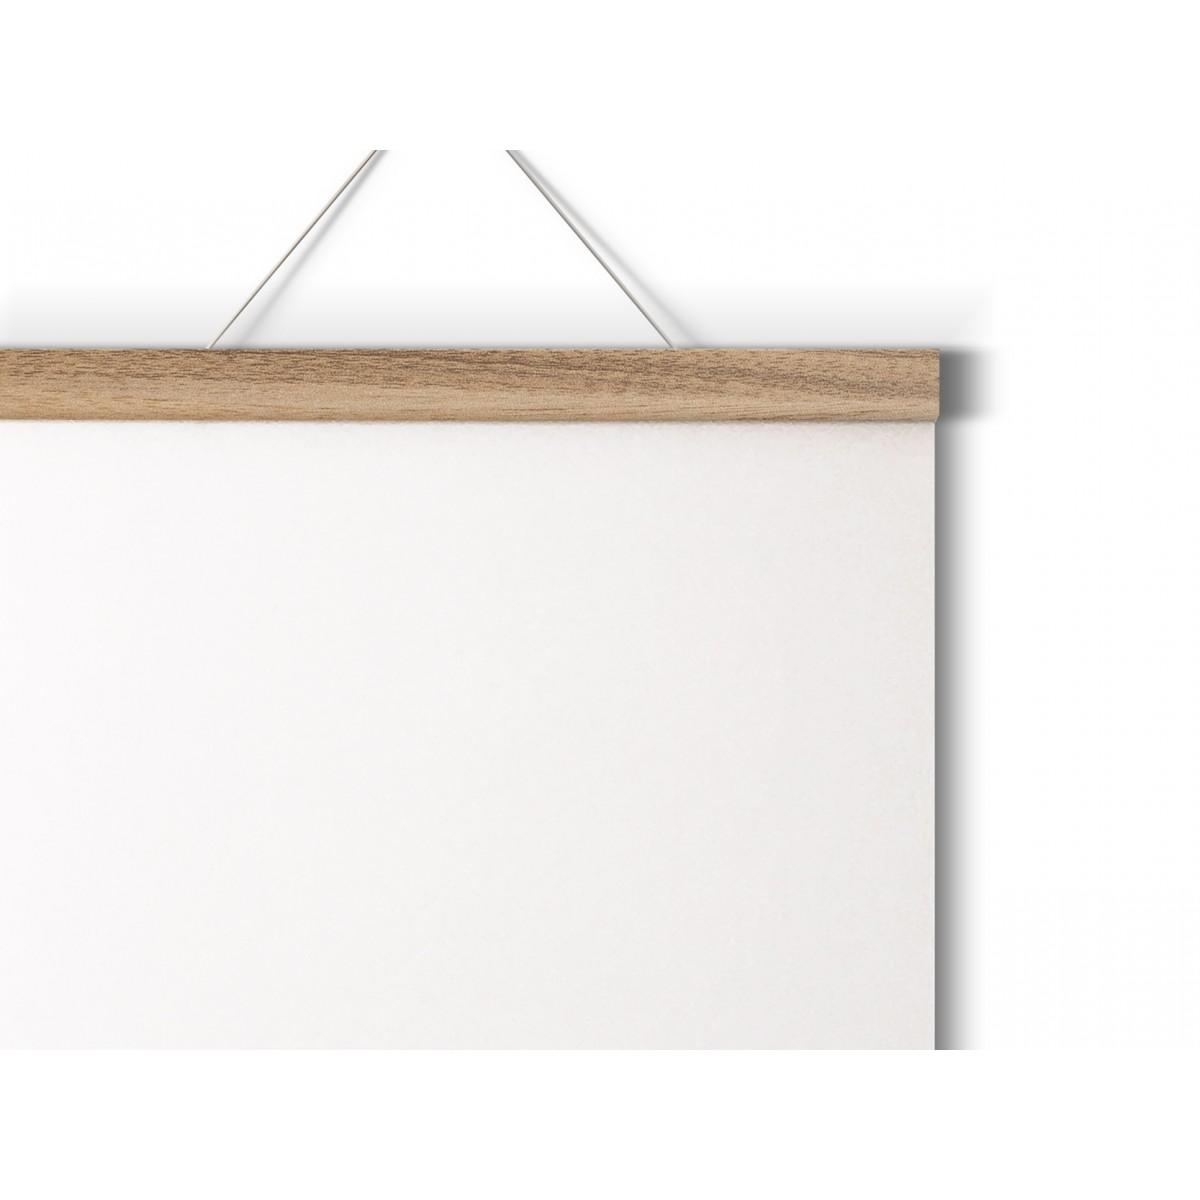 Magnetische Posterleiste aus Eiche / perfekt für DIN A2-Prints